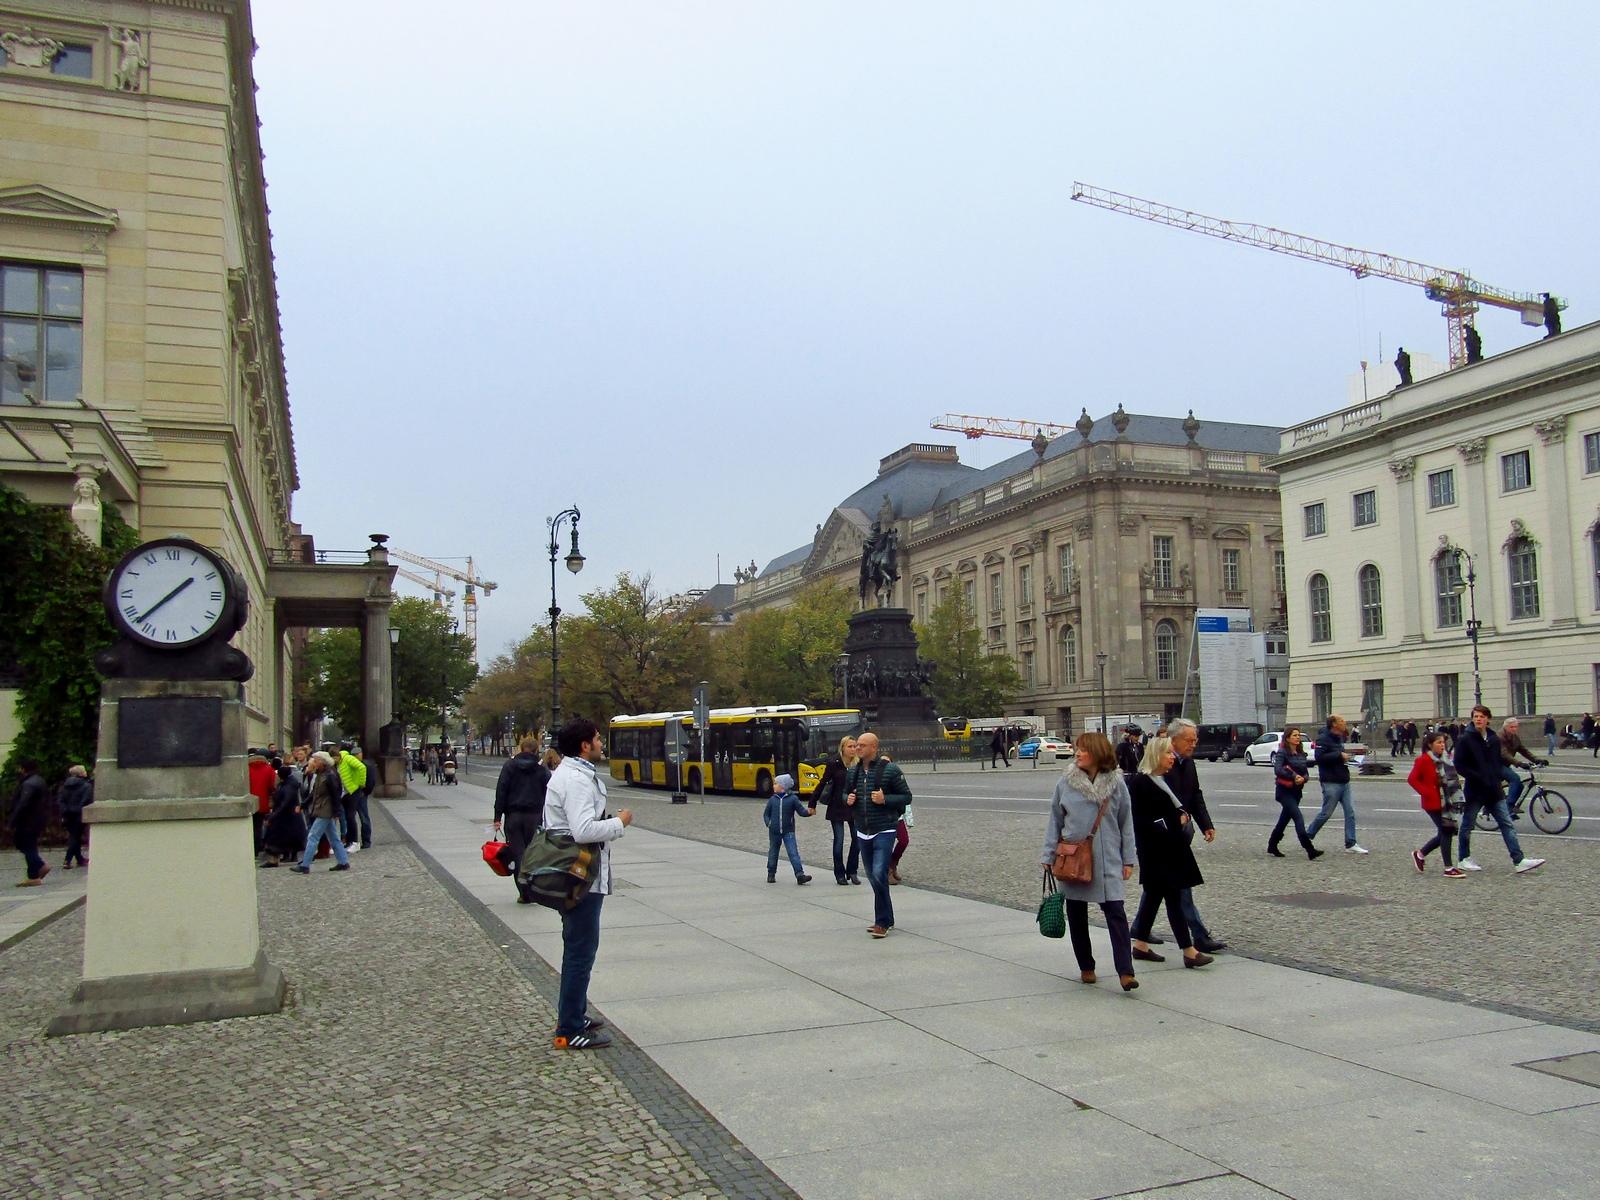 Група людей, що йдуть перед будівлею